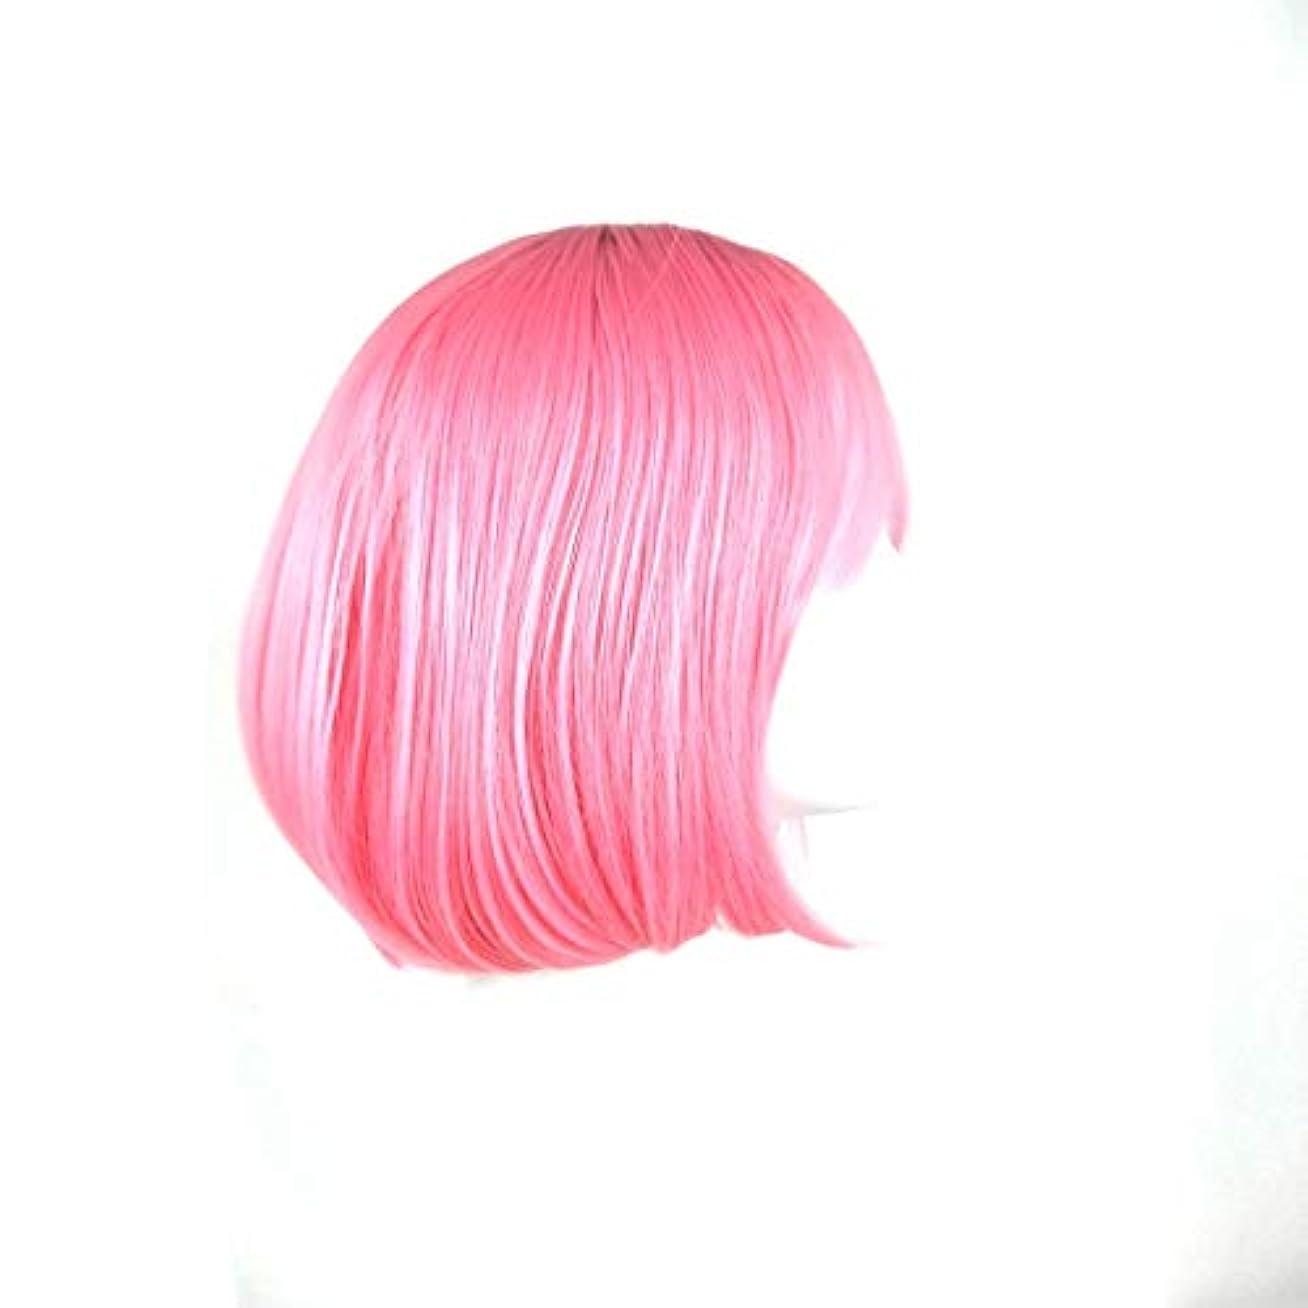 生息地スラック爆発物Summerys ピンクのかつらショートストレートヘアーボブウィッグ人工毛ナチュラルな耐熱性女性用